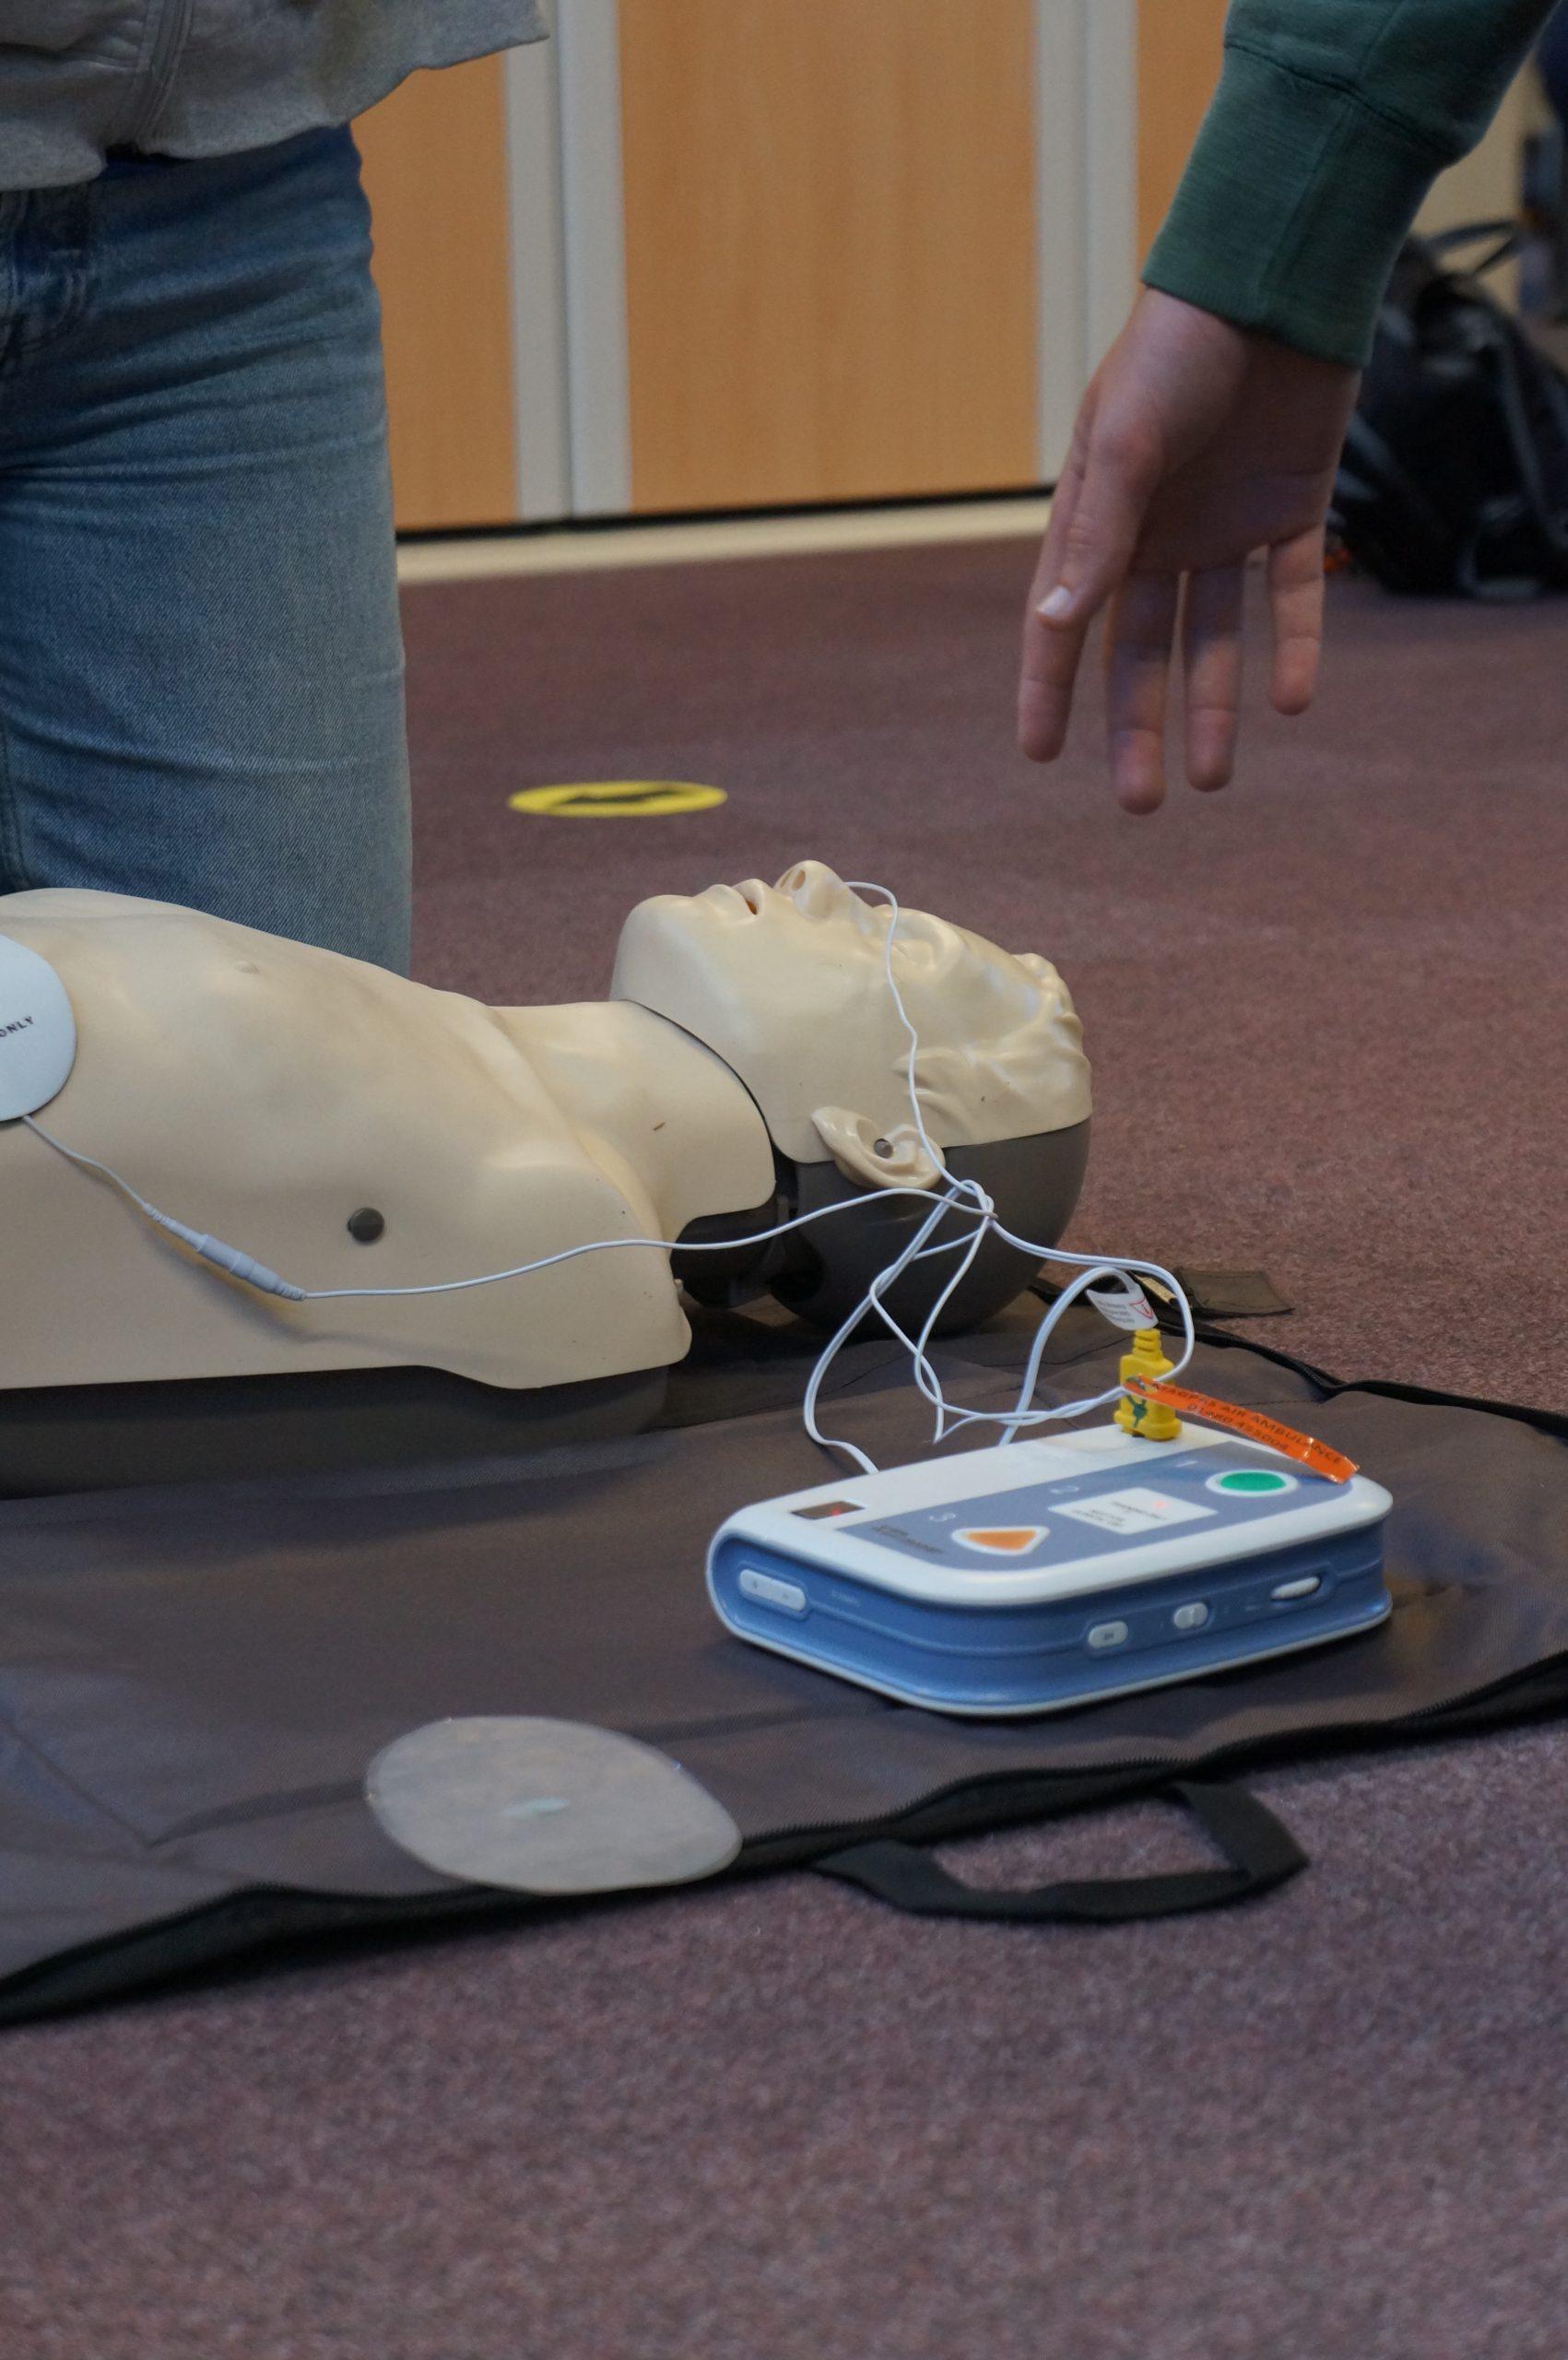 Magpas delivers life-saving training